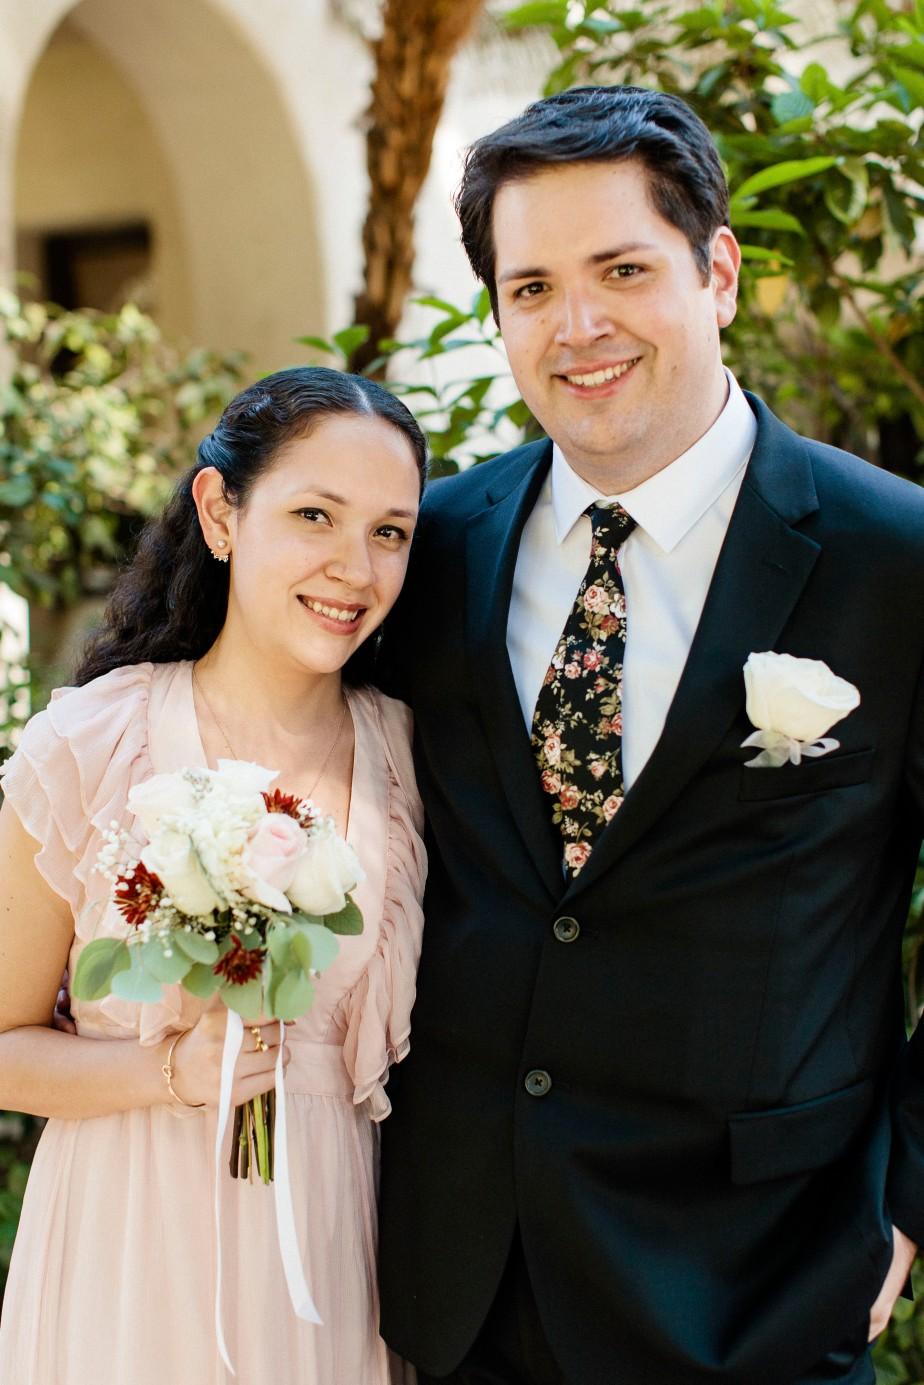 Erin&PaulWedding10.14.17-2601